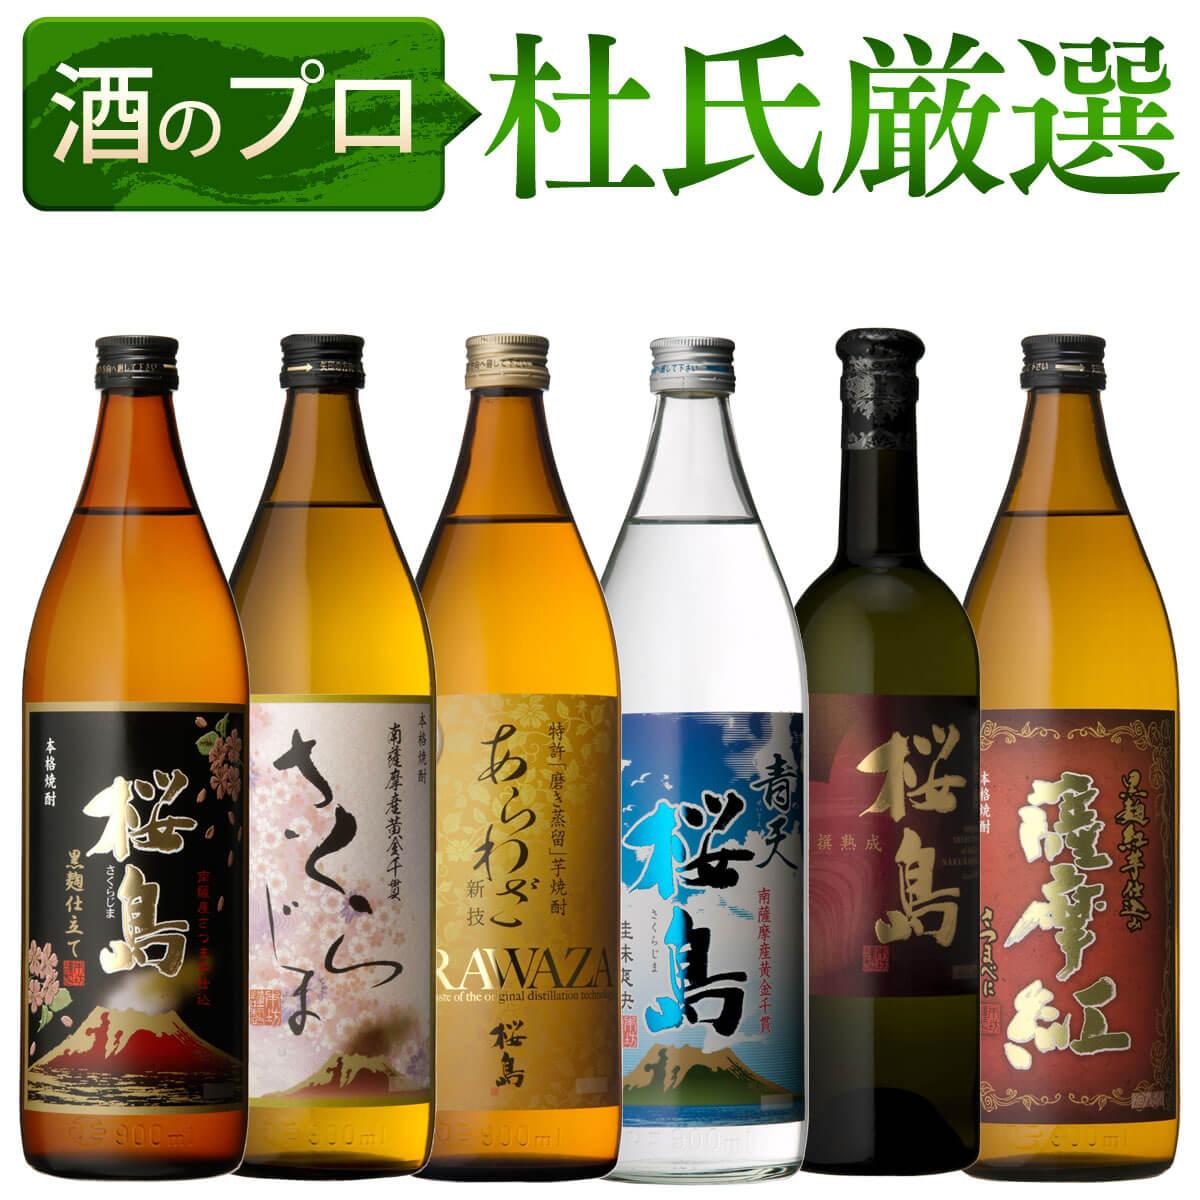 桜島+薩摩紅 杜氏厳選 飲み比べ6本セット